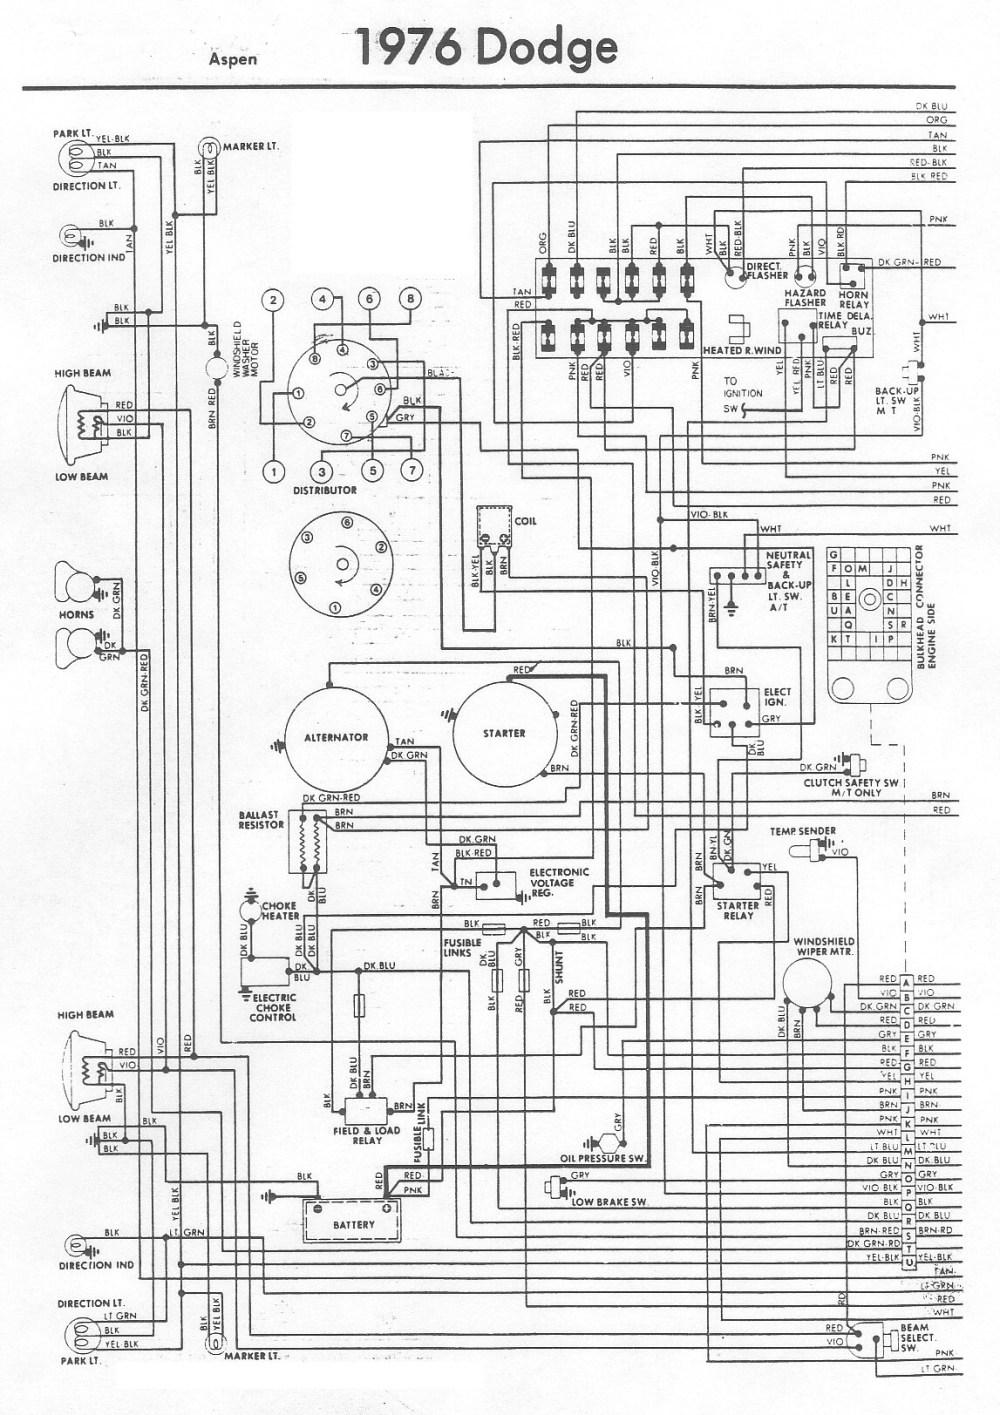 medium resolution of 76 dodge power wagon wiring schematic wiring library 78 dodge wiring diagram